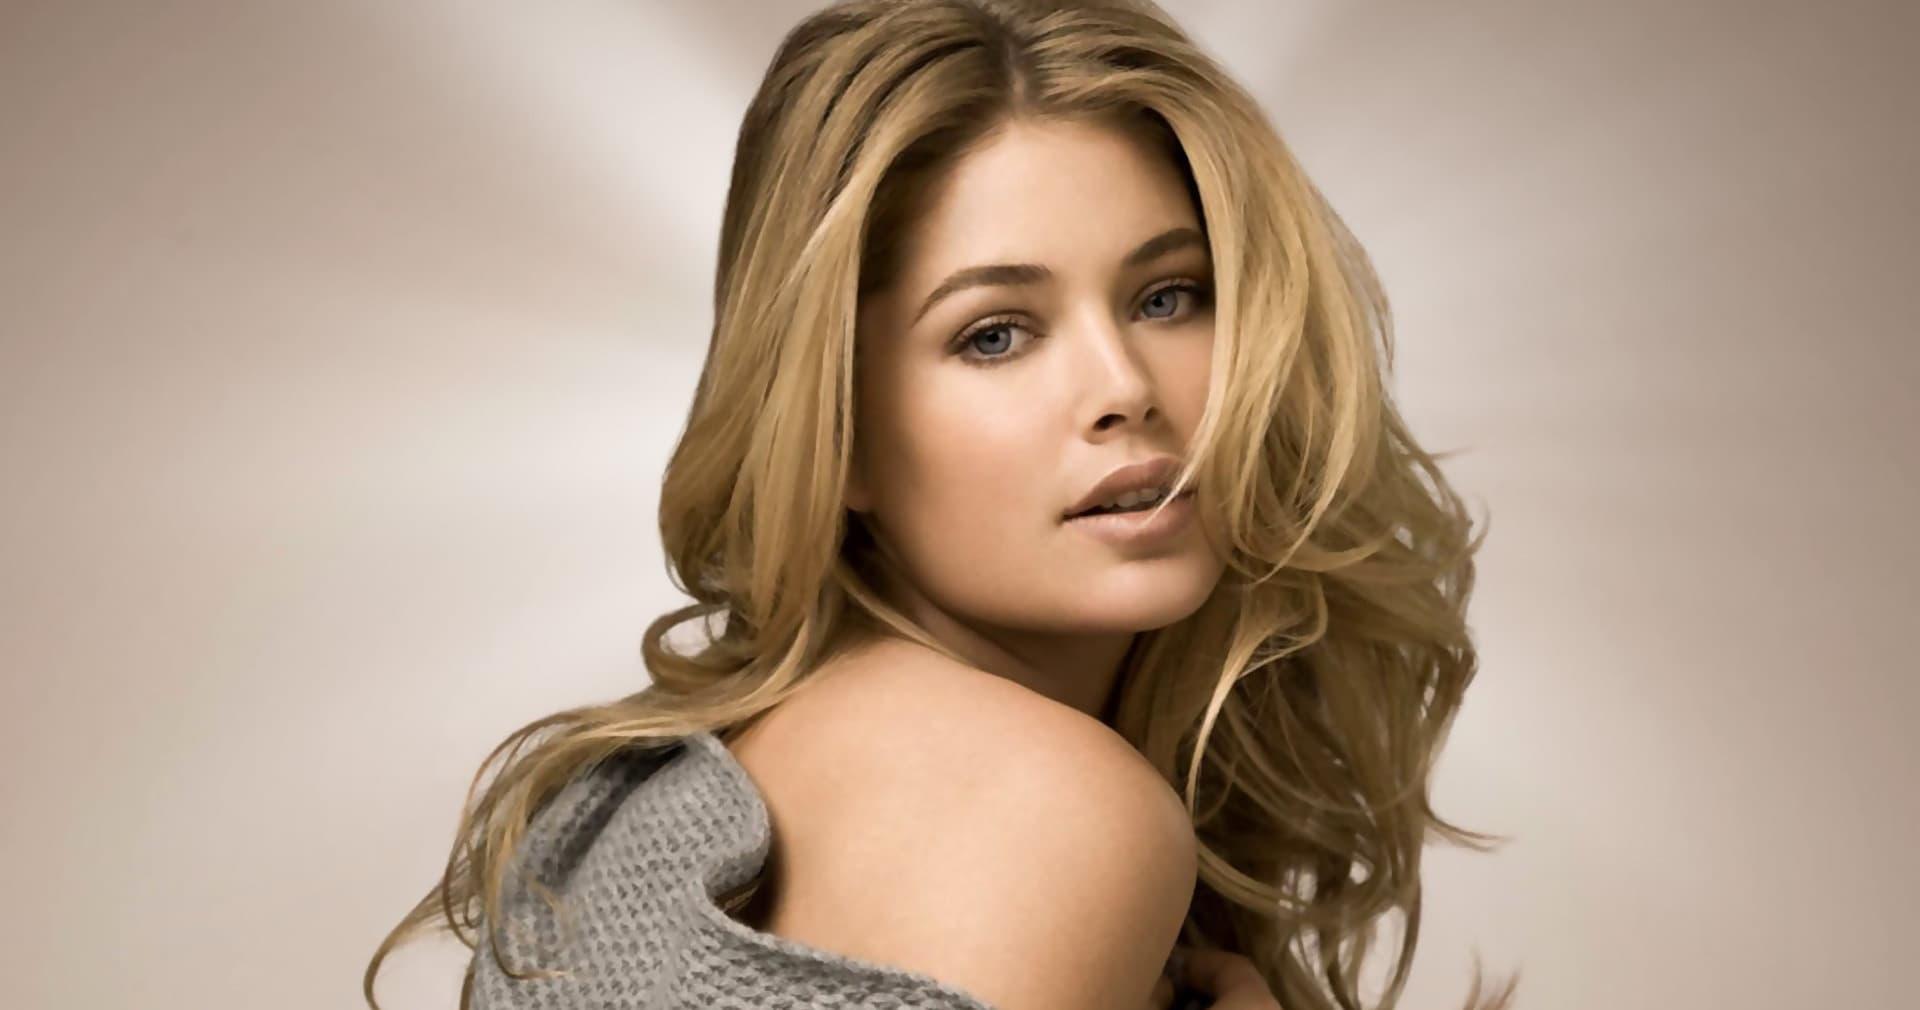 Belgian Supermodel